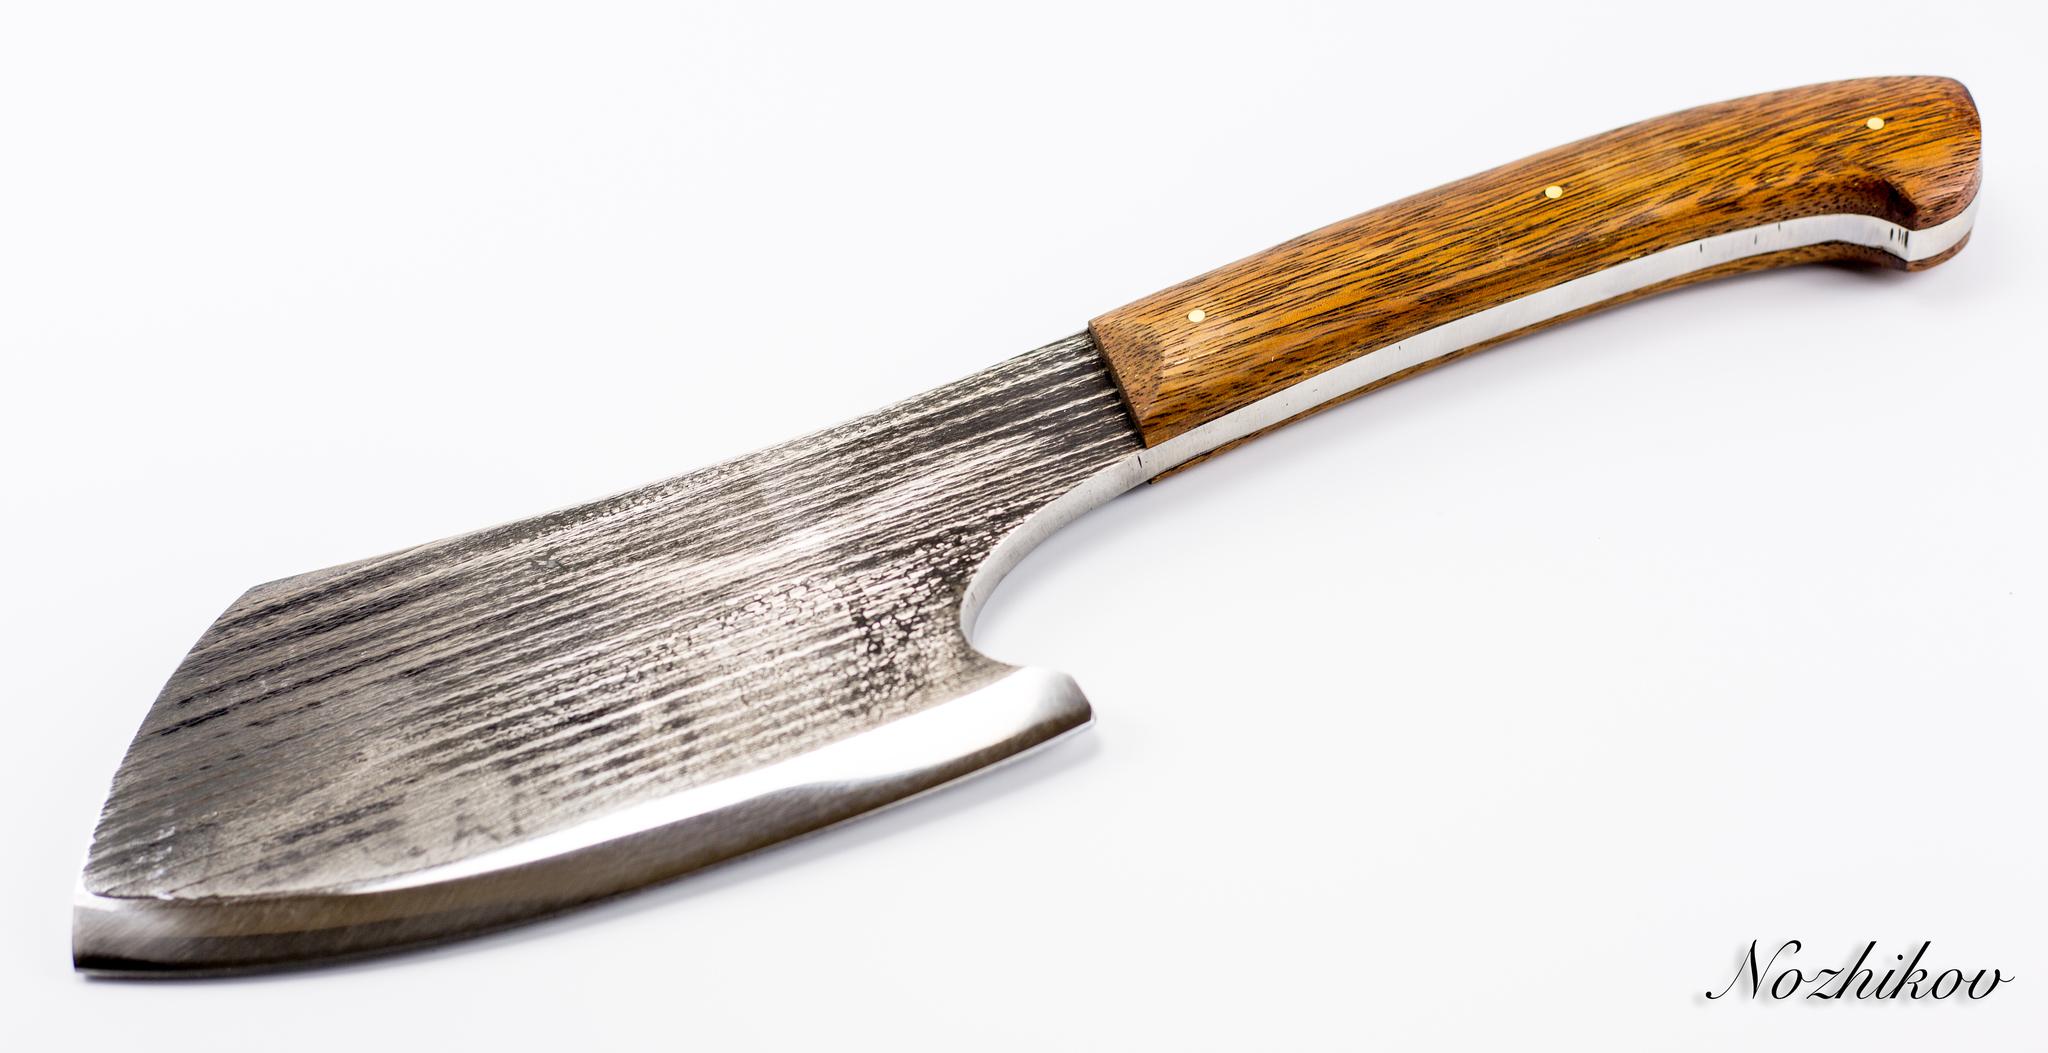 Фото 2 - Тяпка для мяса №7, сталь У8 от Мастерская Климентьева